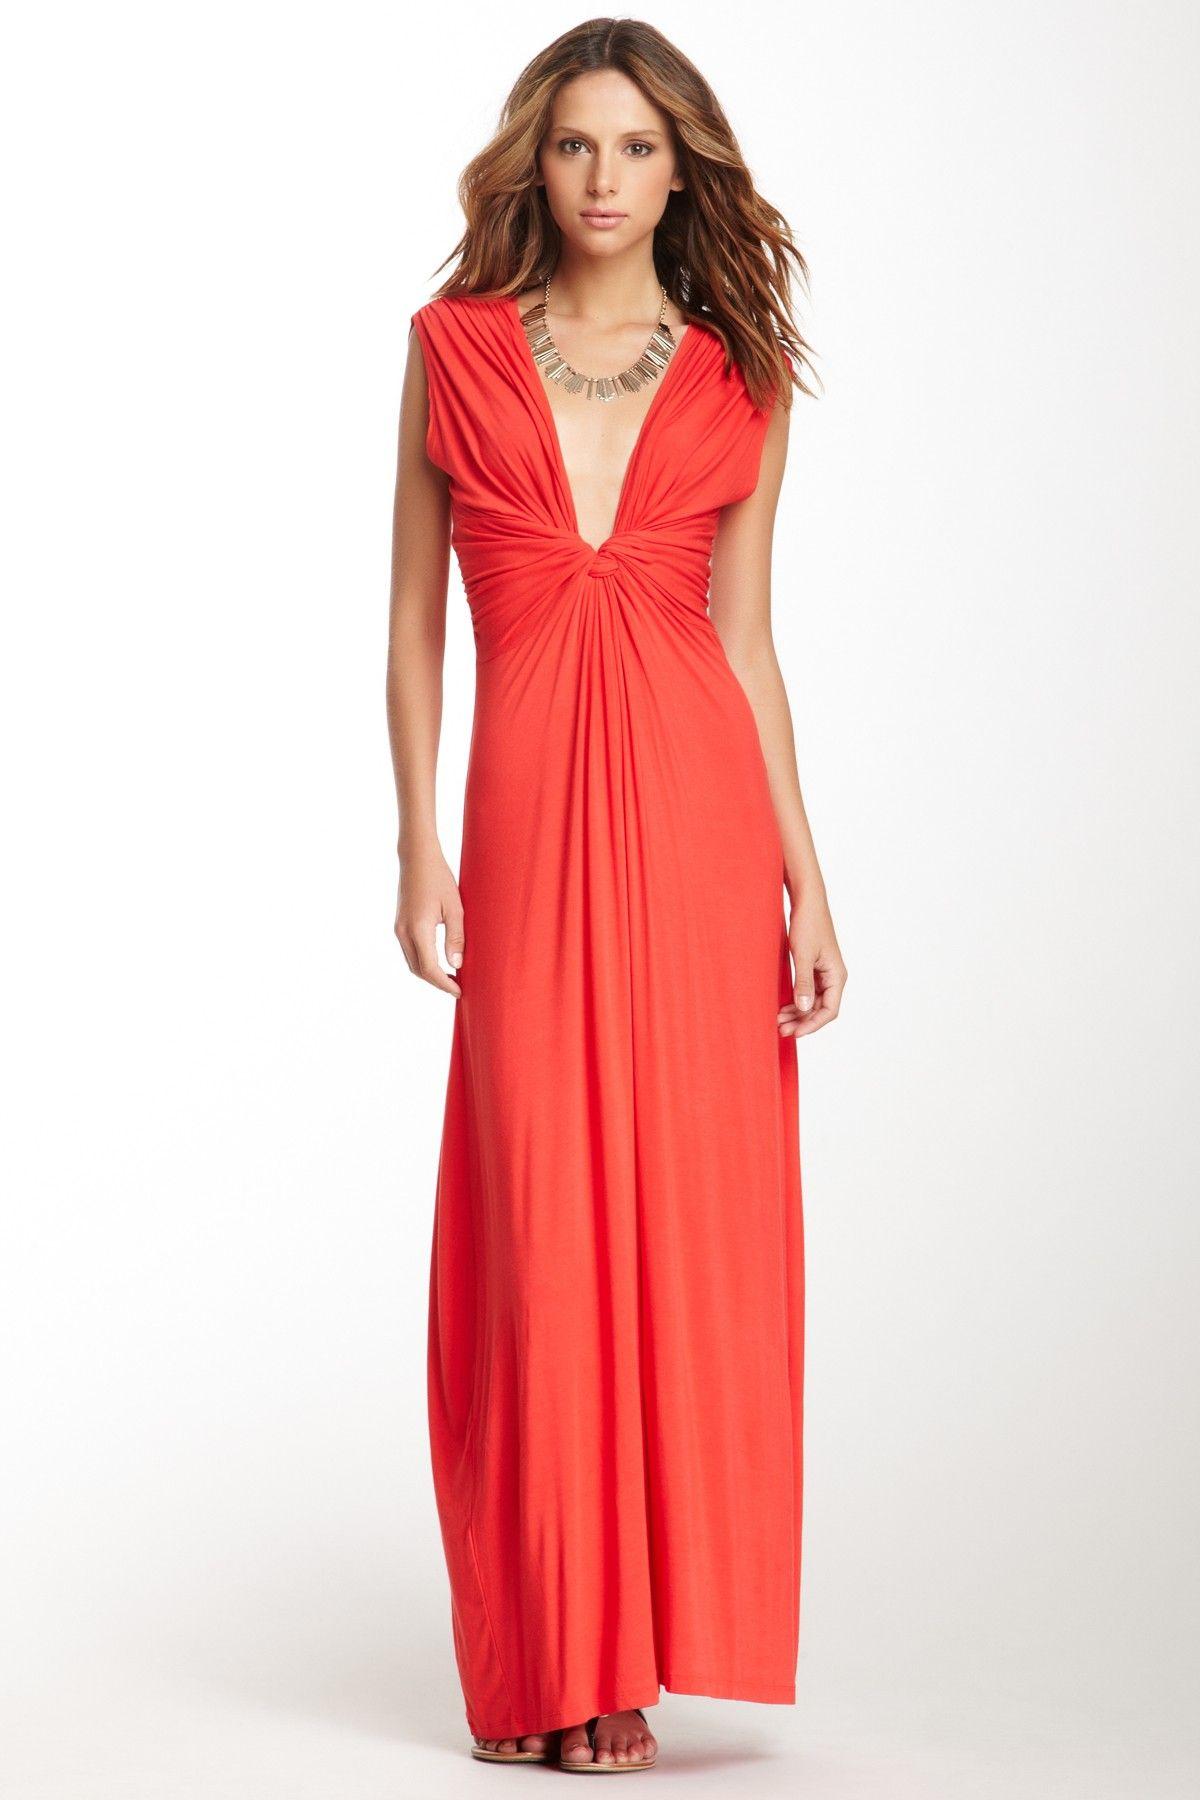 Wrap Knot Maxi Dress  Skater Dress cute #summerdress#casualoutfit #sunayildirim  #SkaterDress #Skater #Dress #newdress www.2dayslook.com